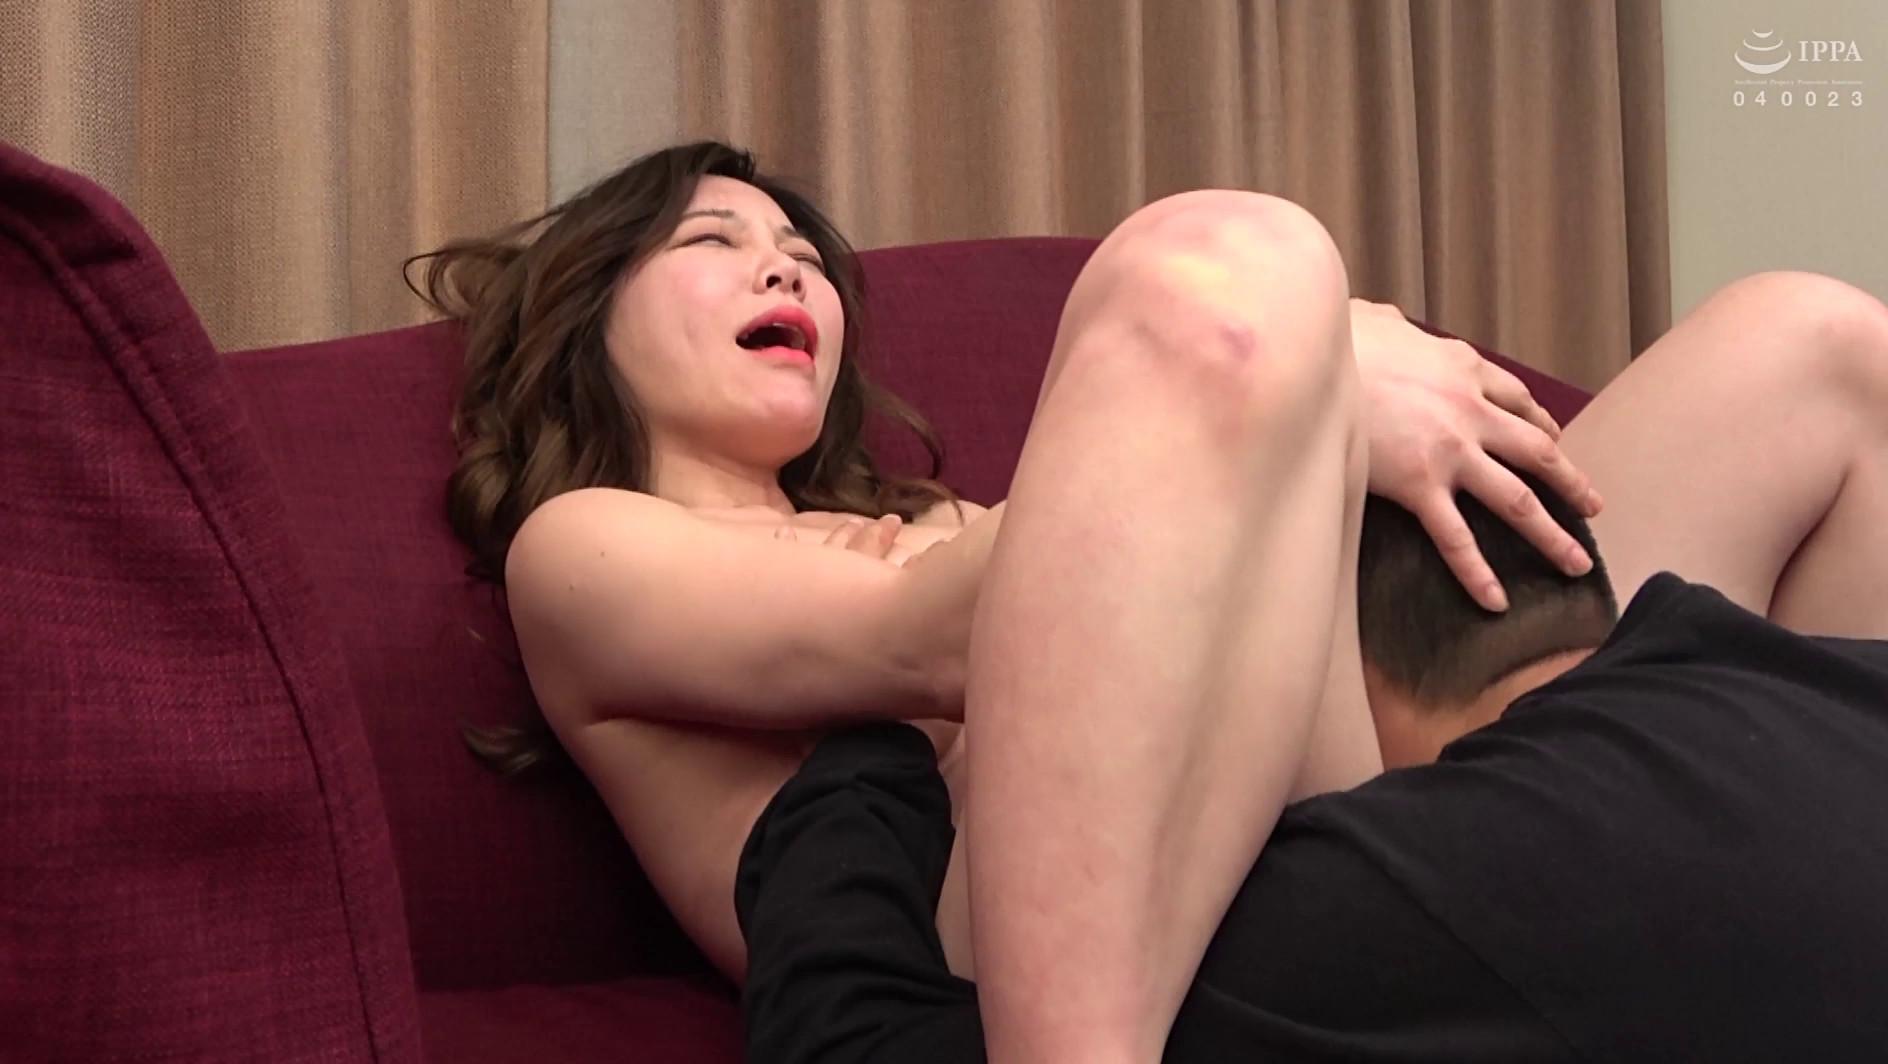 国際セックスへの執念!奇跡的にSNSで知り合った神話級韓流娘と韓国で待ち合わせてオフパコ!韓国現地女子シアちゃん&ジンちゃんのセックスがスゴい・・・ 画像4